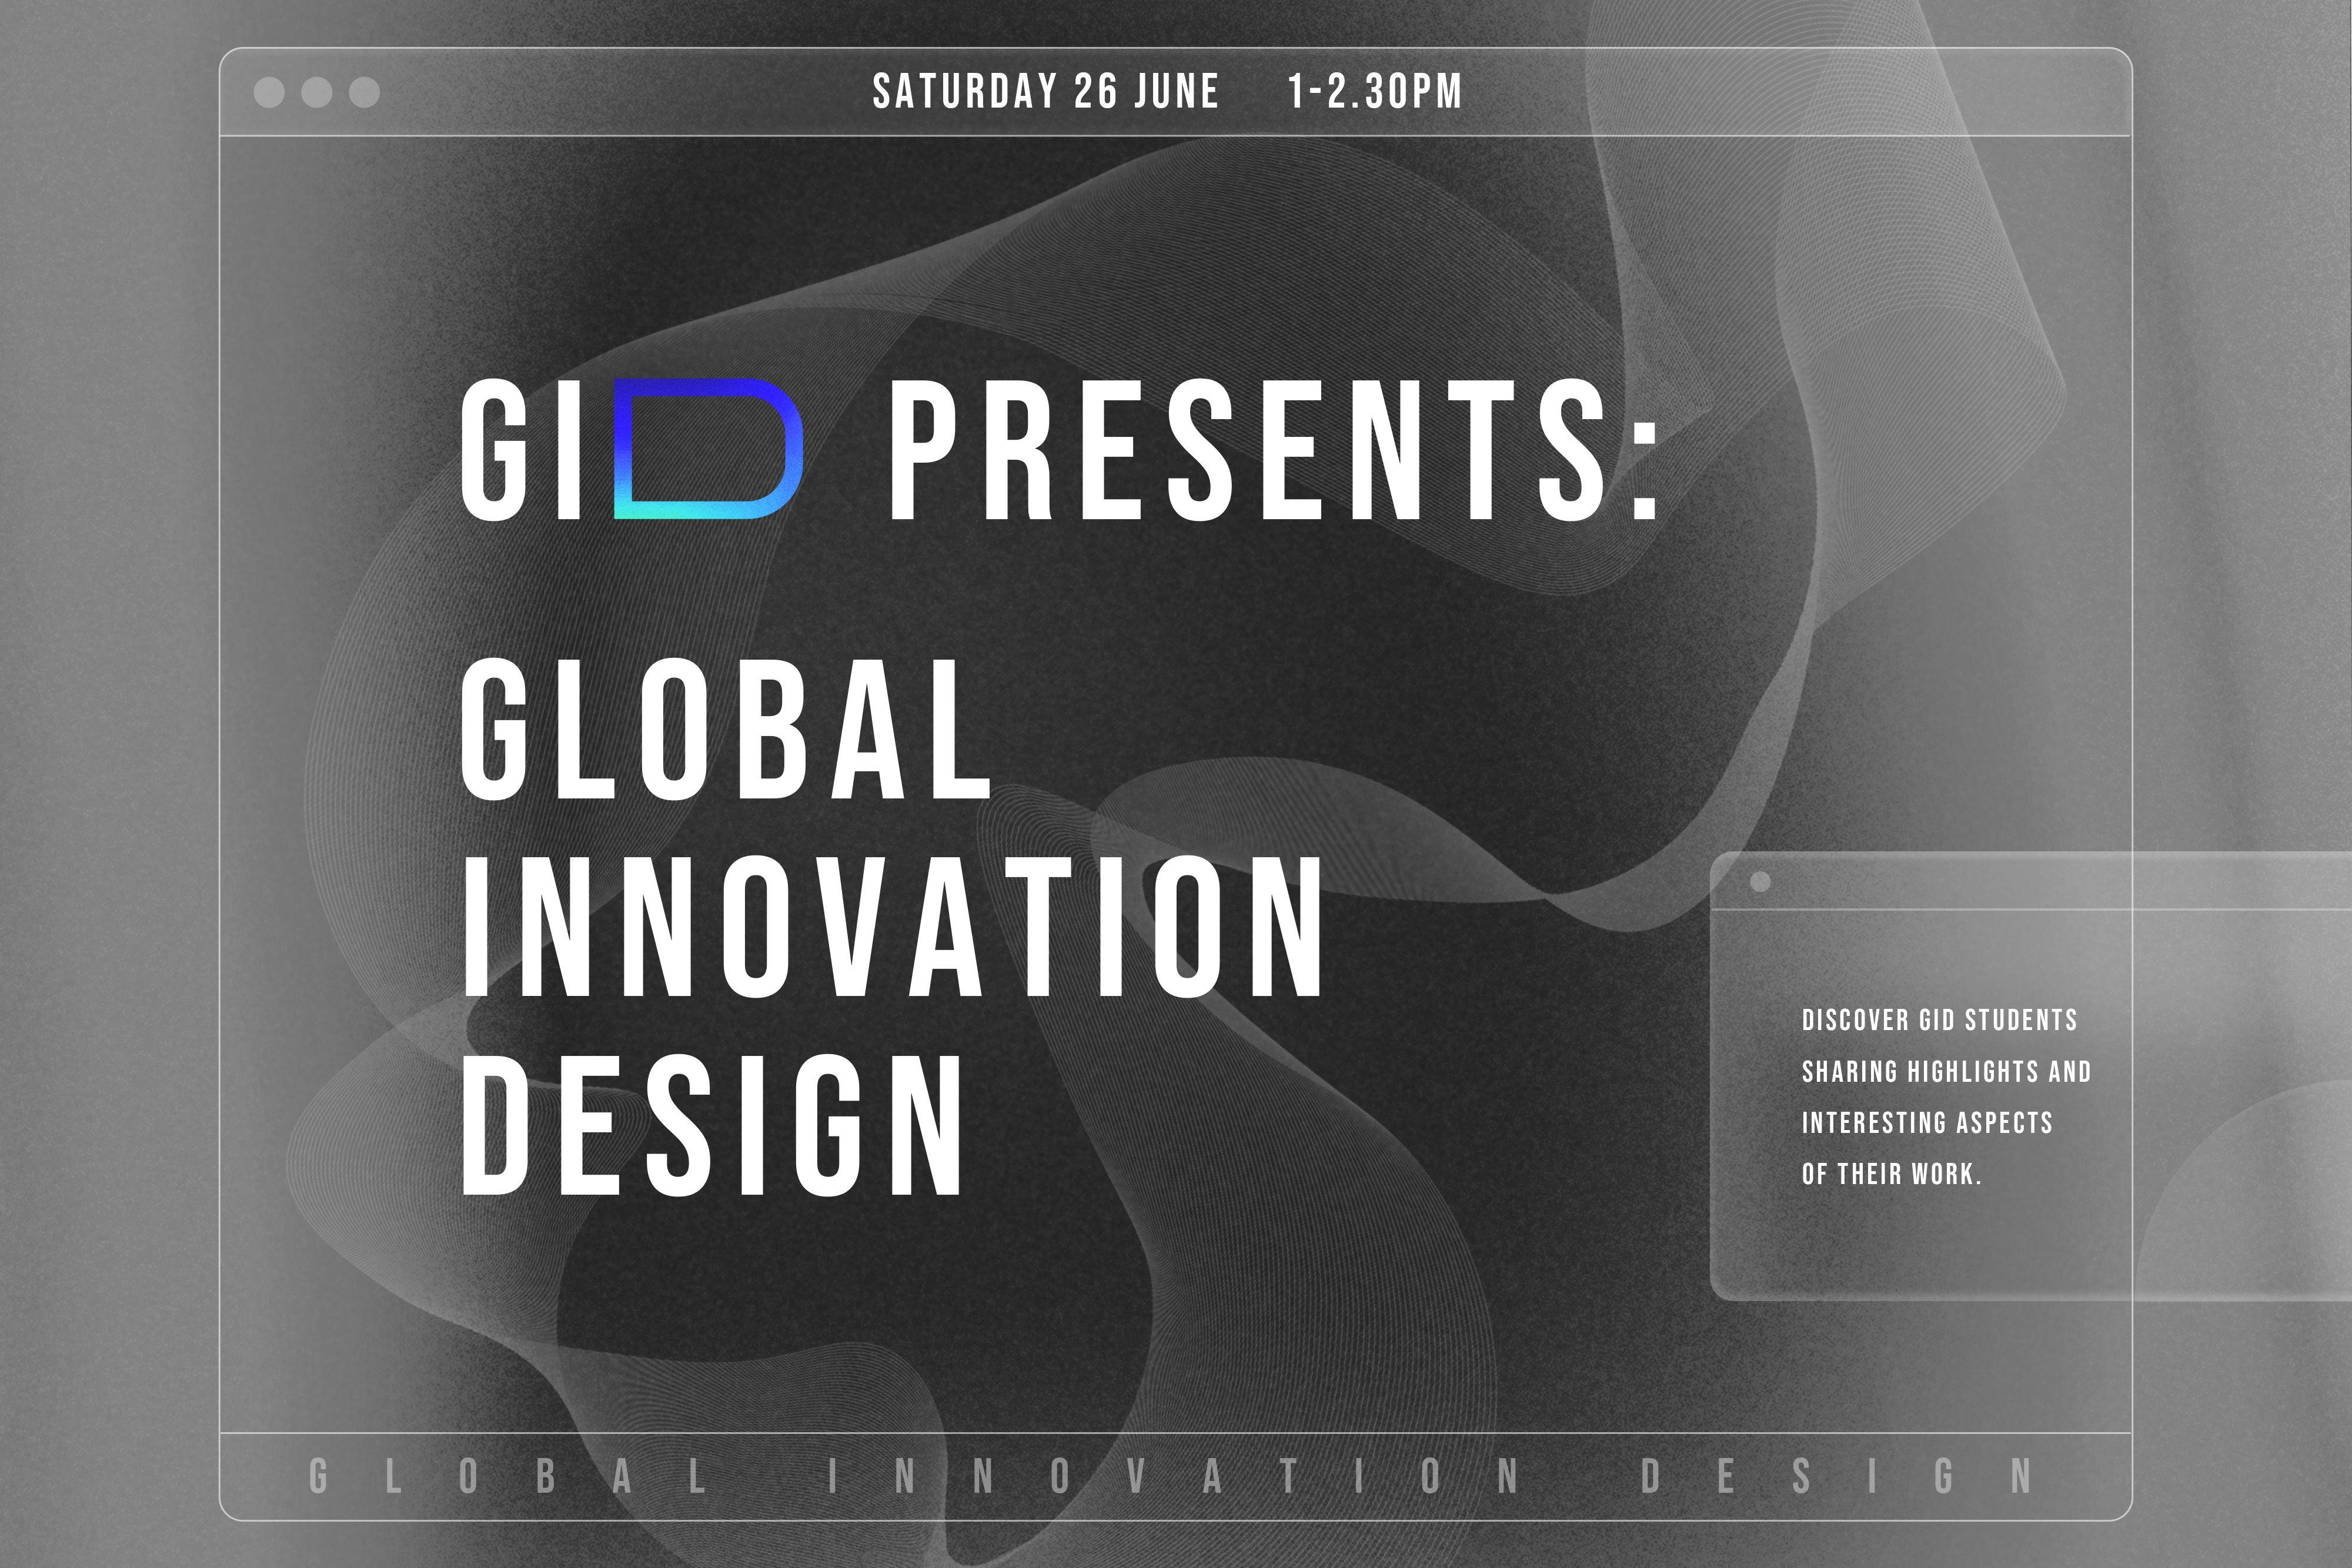 GID presents: Global Innovation Design